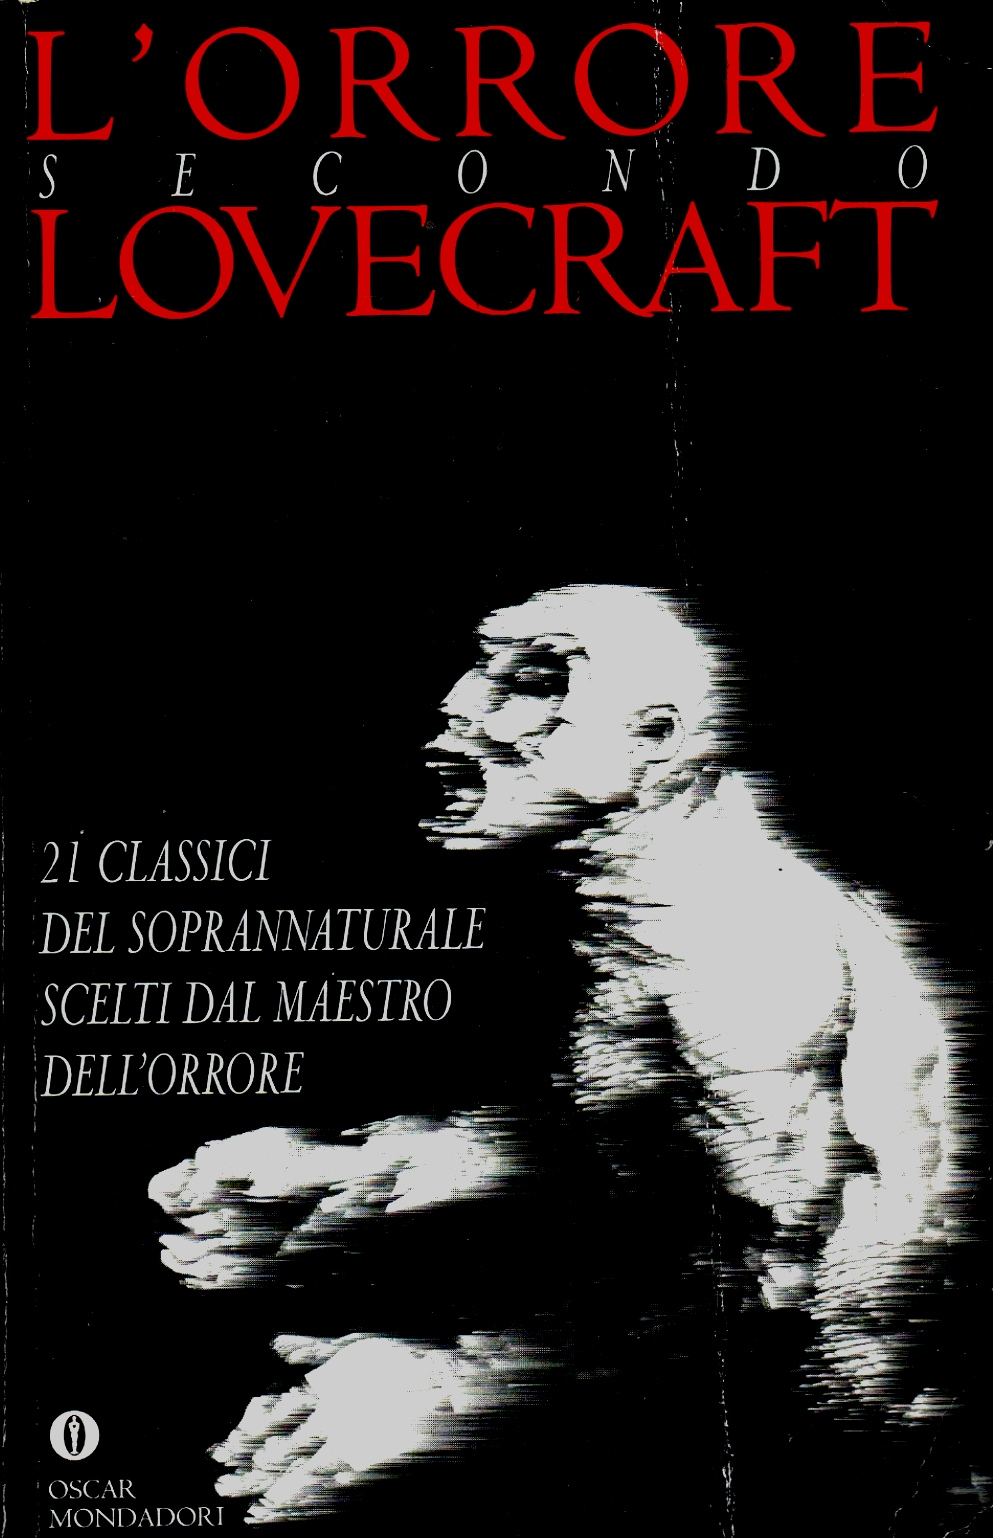 L'orrore secondo Lovecraft